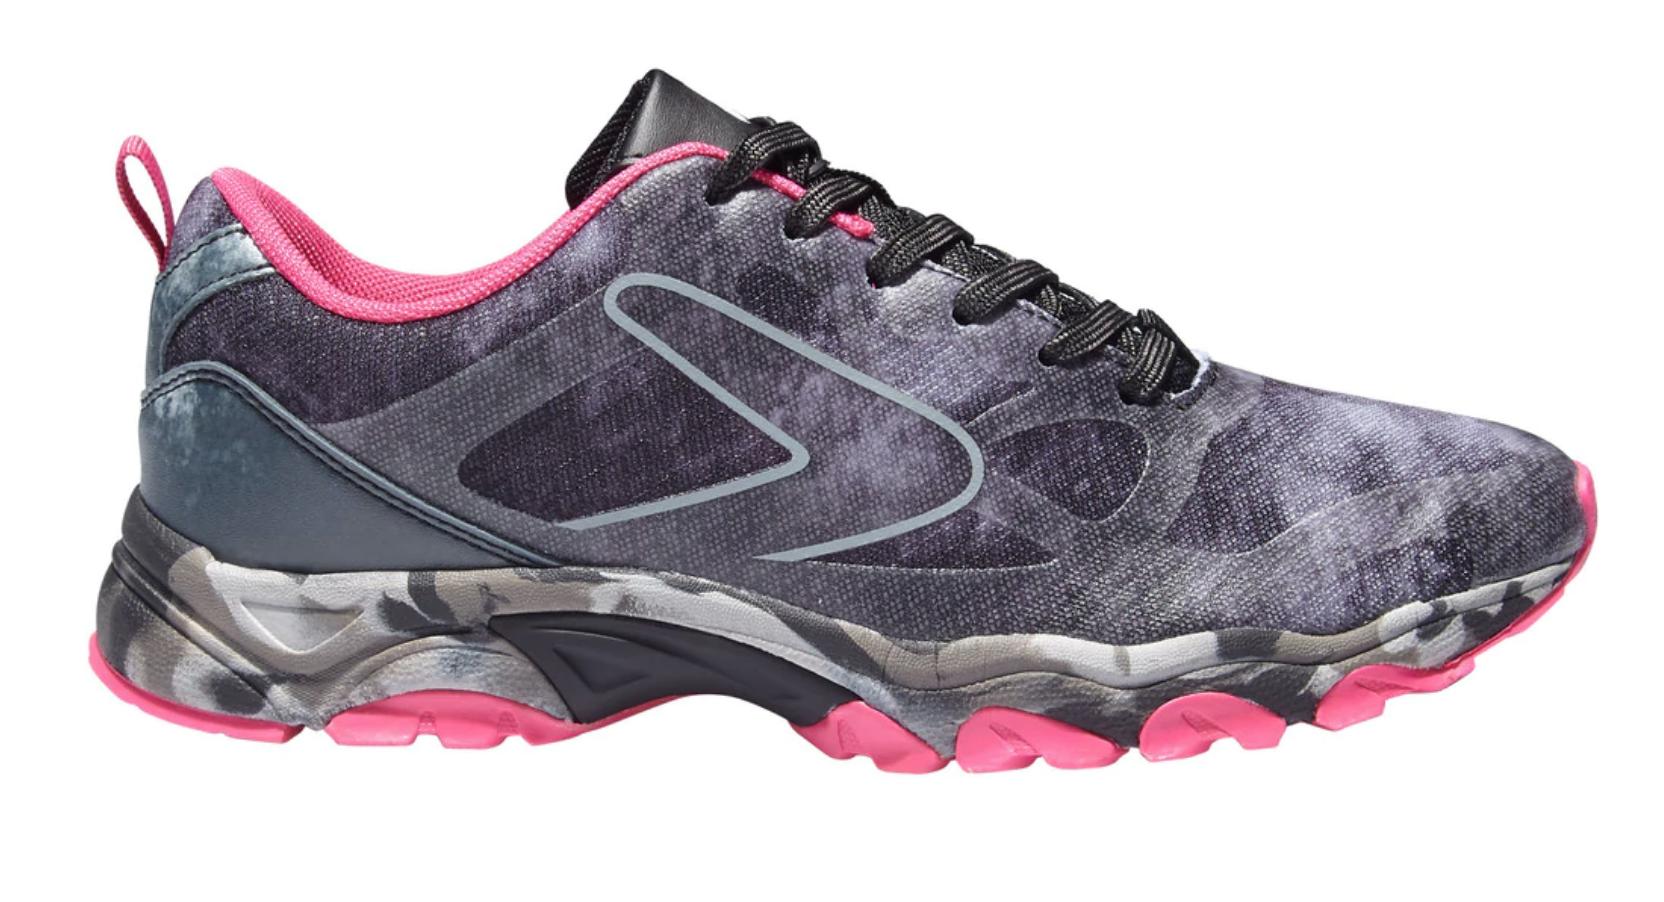 Zapatillas negras y rosas de trail running Trim IV de  Boomerang. Doble densidad en la suela para un pisada estable y sin costuras para mayor comodidad.  Precio: 29,95 euros.